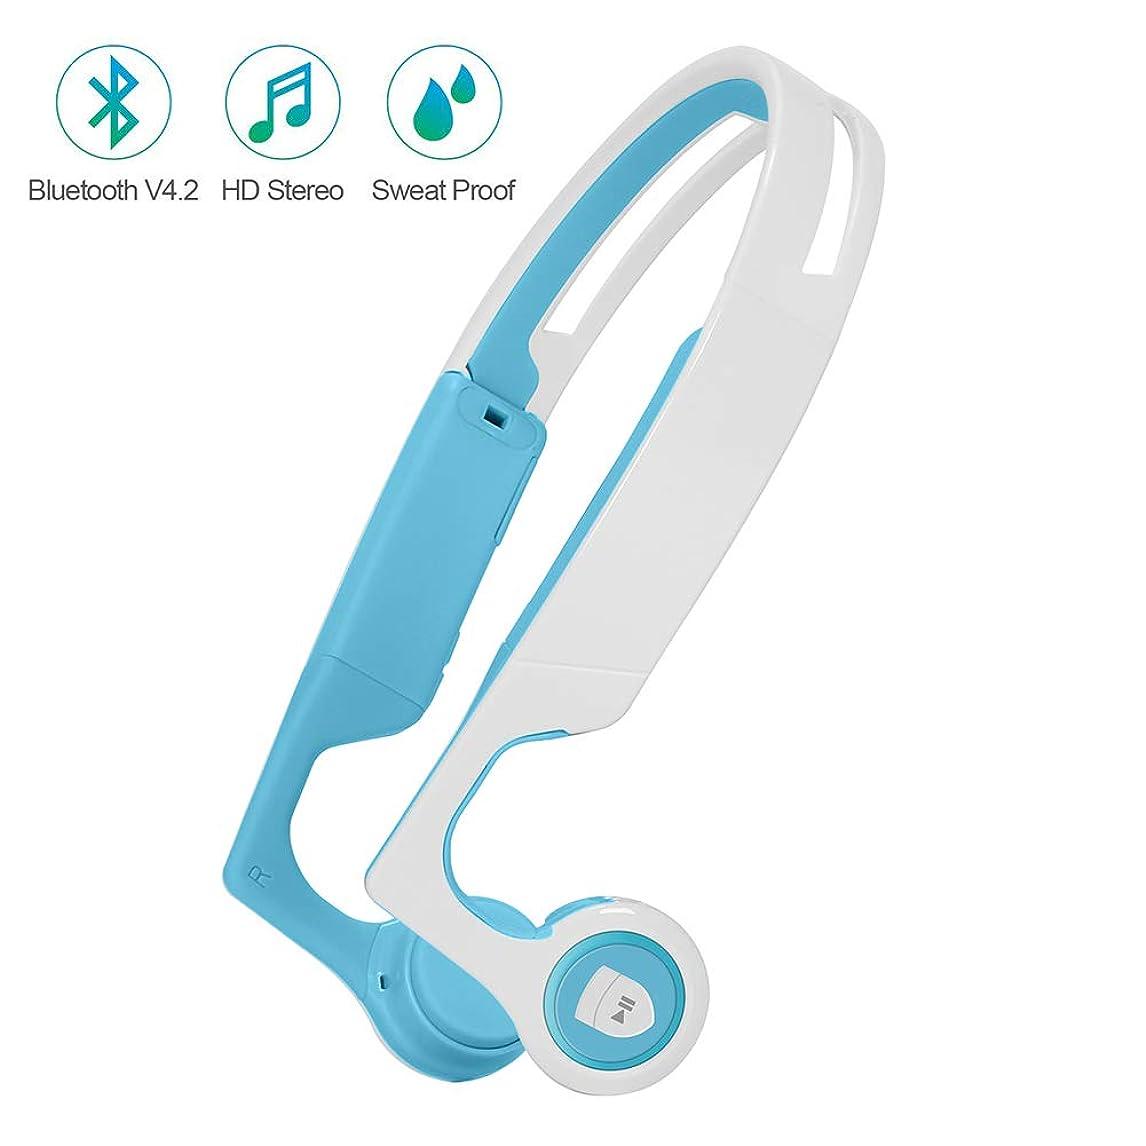 に対処するリベラル気味の悪い骨伝導ヘッドフォンワイヤレス Bluetooth サラウンドサウンドノイズリダクションマイクスポーツ防水と Sweatproof のアンドロイド/Ios の電話コンピューター